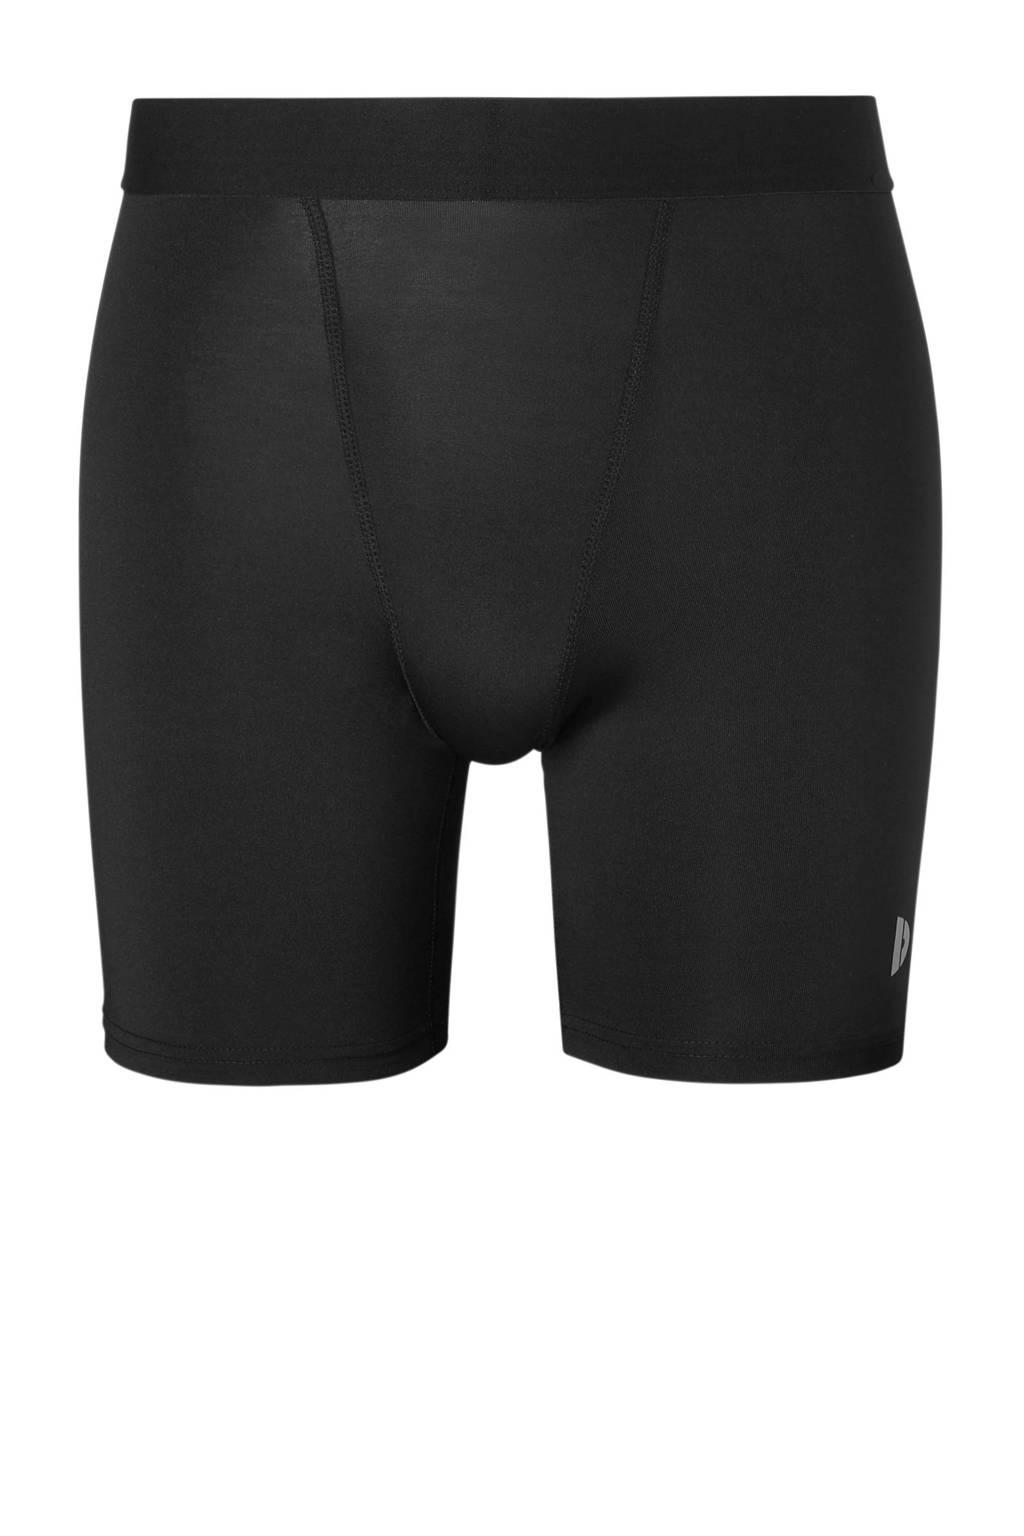 Donnay compressie sportboxer zwart, Zwart